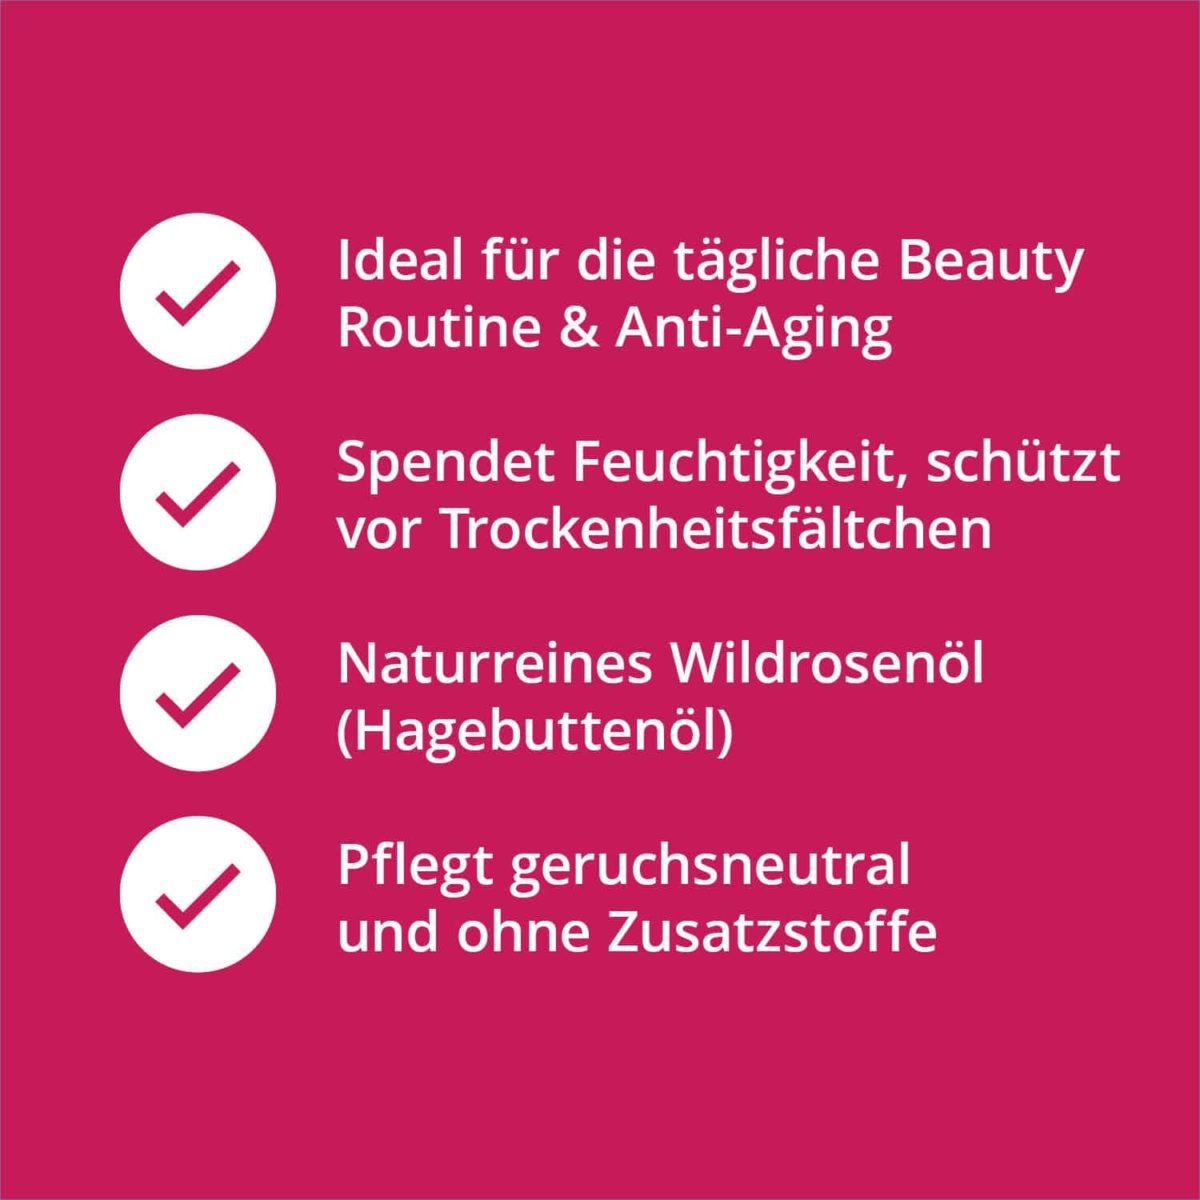 Casida Wildrosenöl Hagebuttenöl – 50 ml 16812378 PZN Apotheke Anti-Aging Massage trockene Haut pflegen Bioqualität7